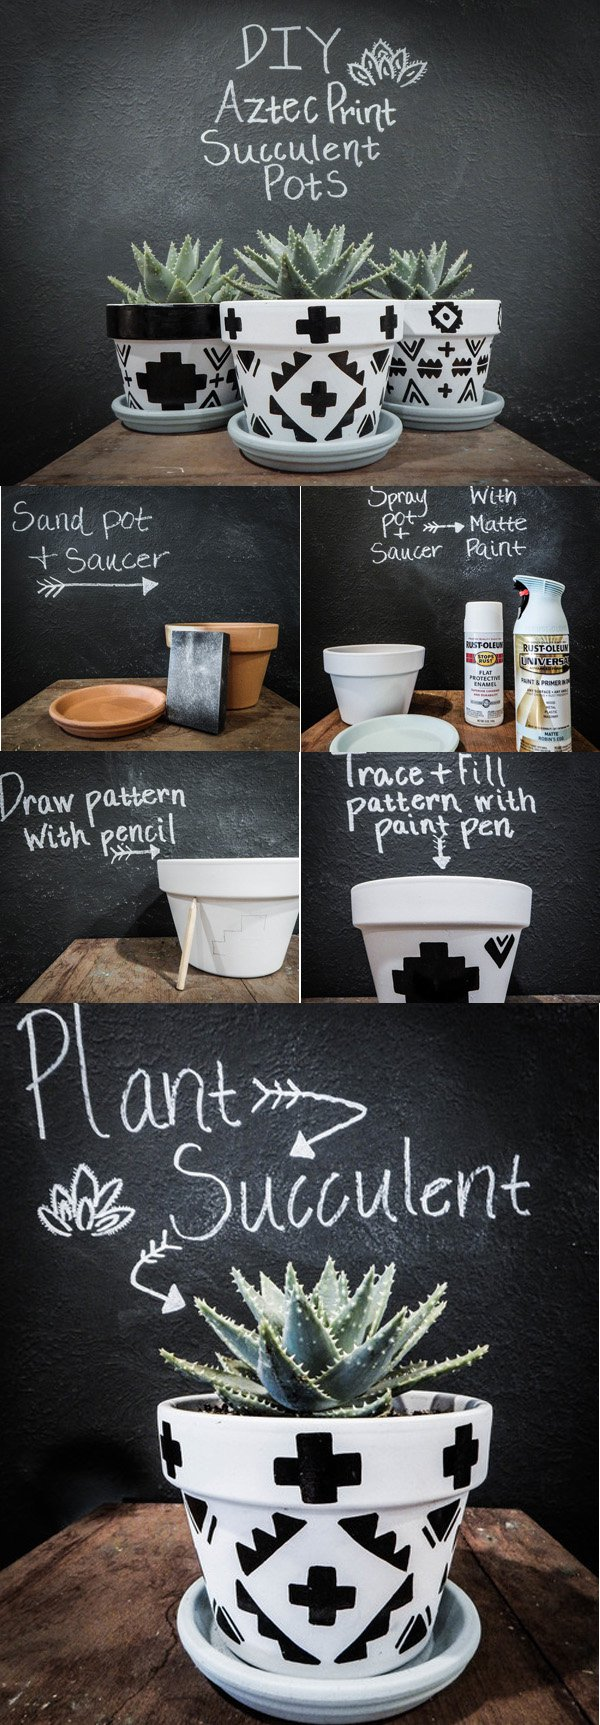 diy-aztec-print-succulent-pots.jpg